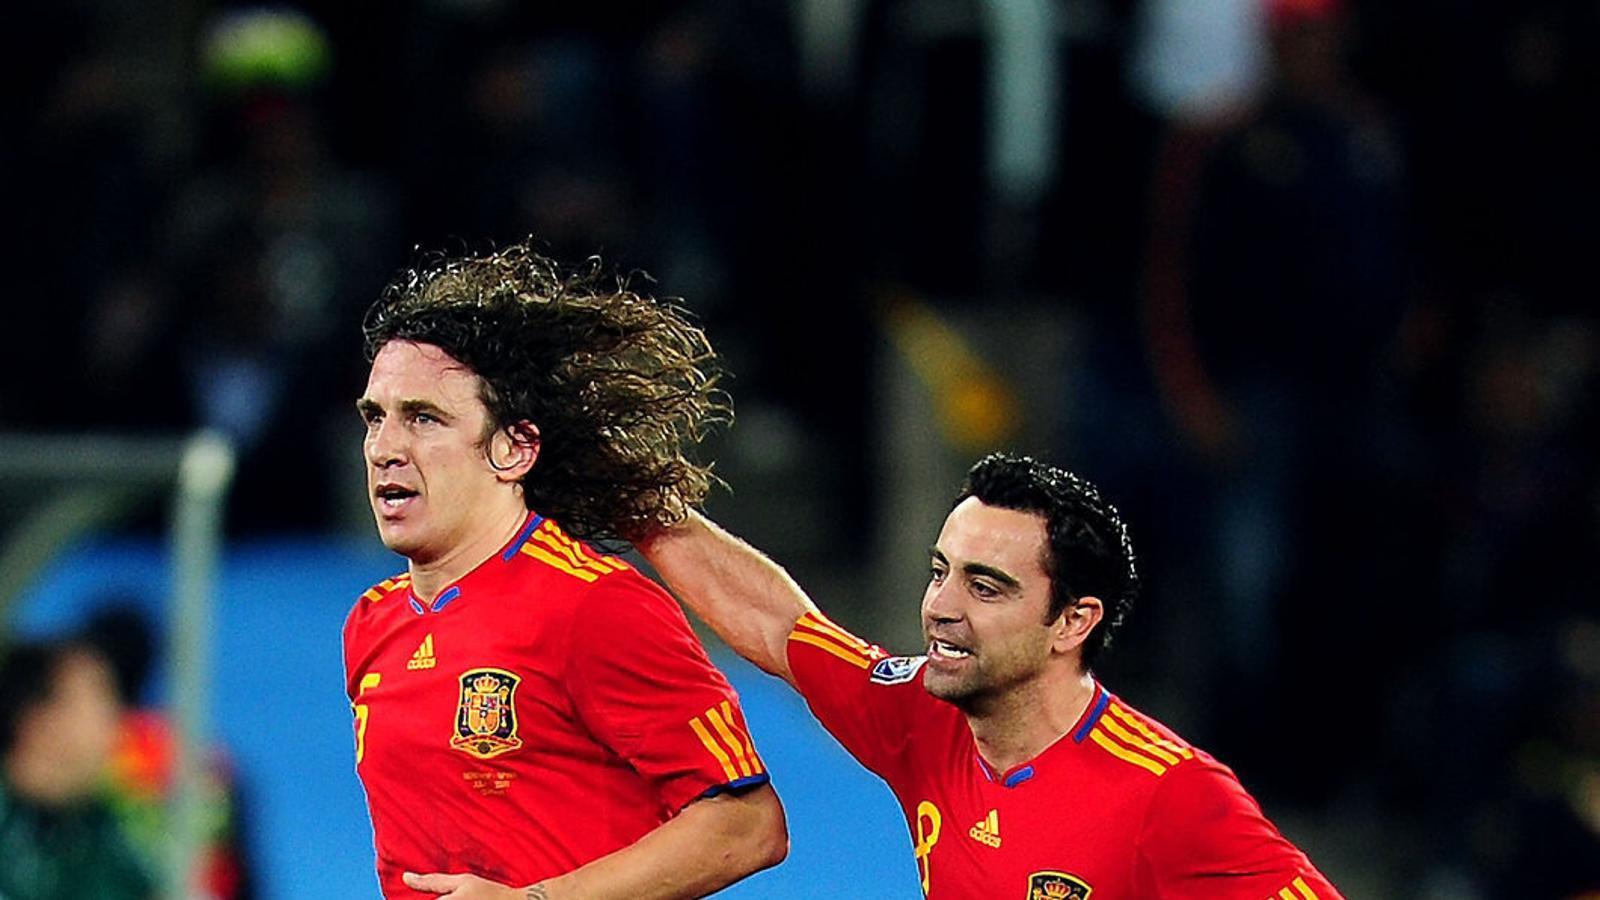 Carles Puyol i Xavi Hernández, exjugadors del Barça, a la semifinal contra Alemanya del Mundial del 2010.